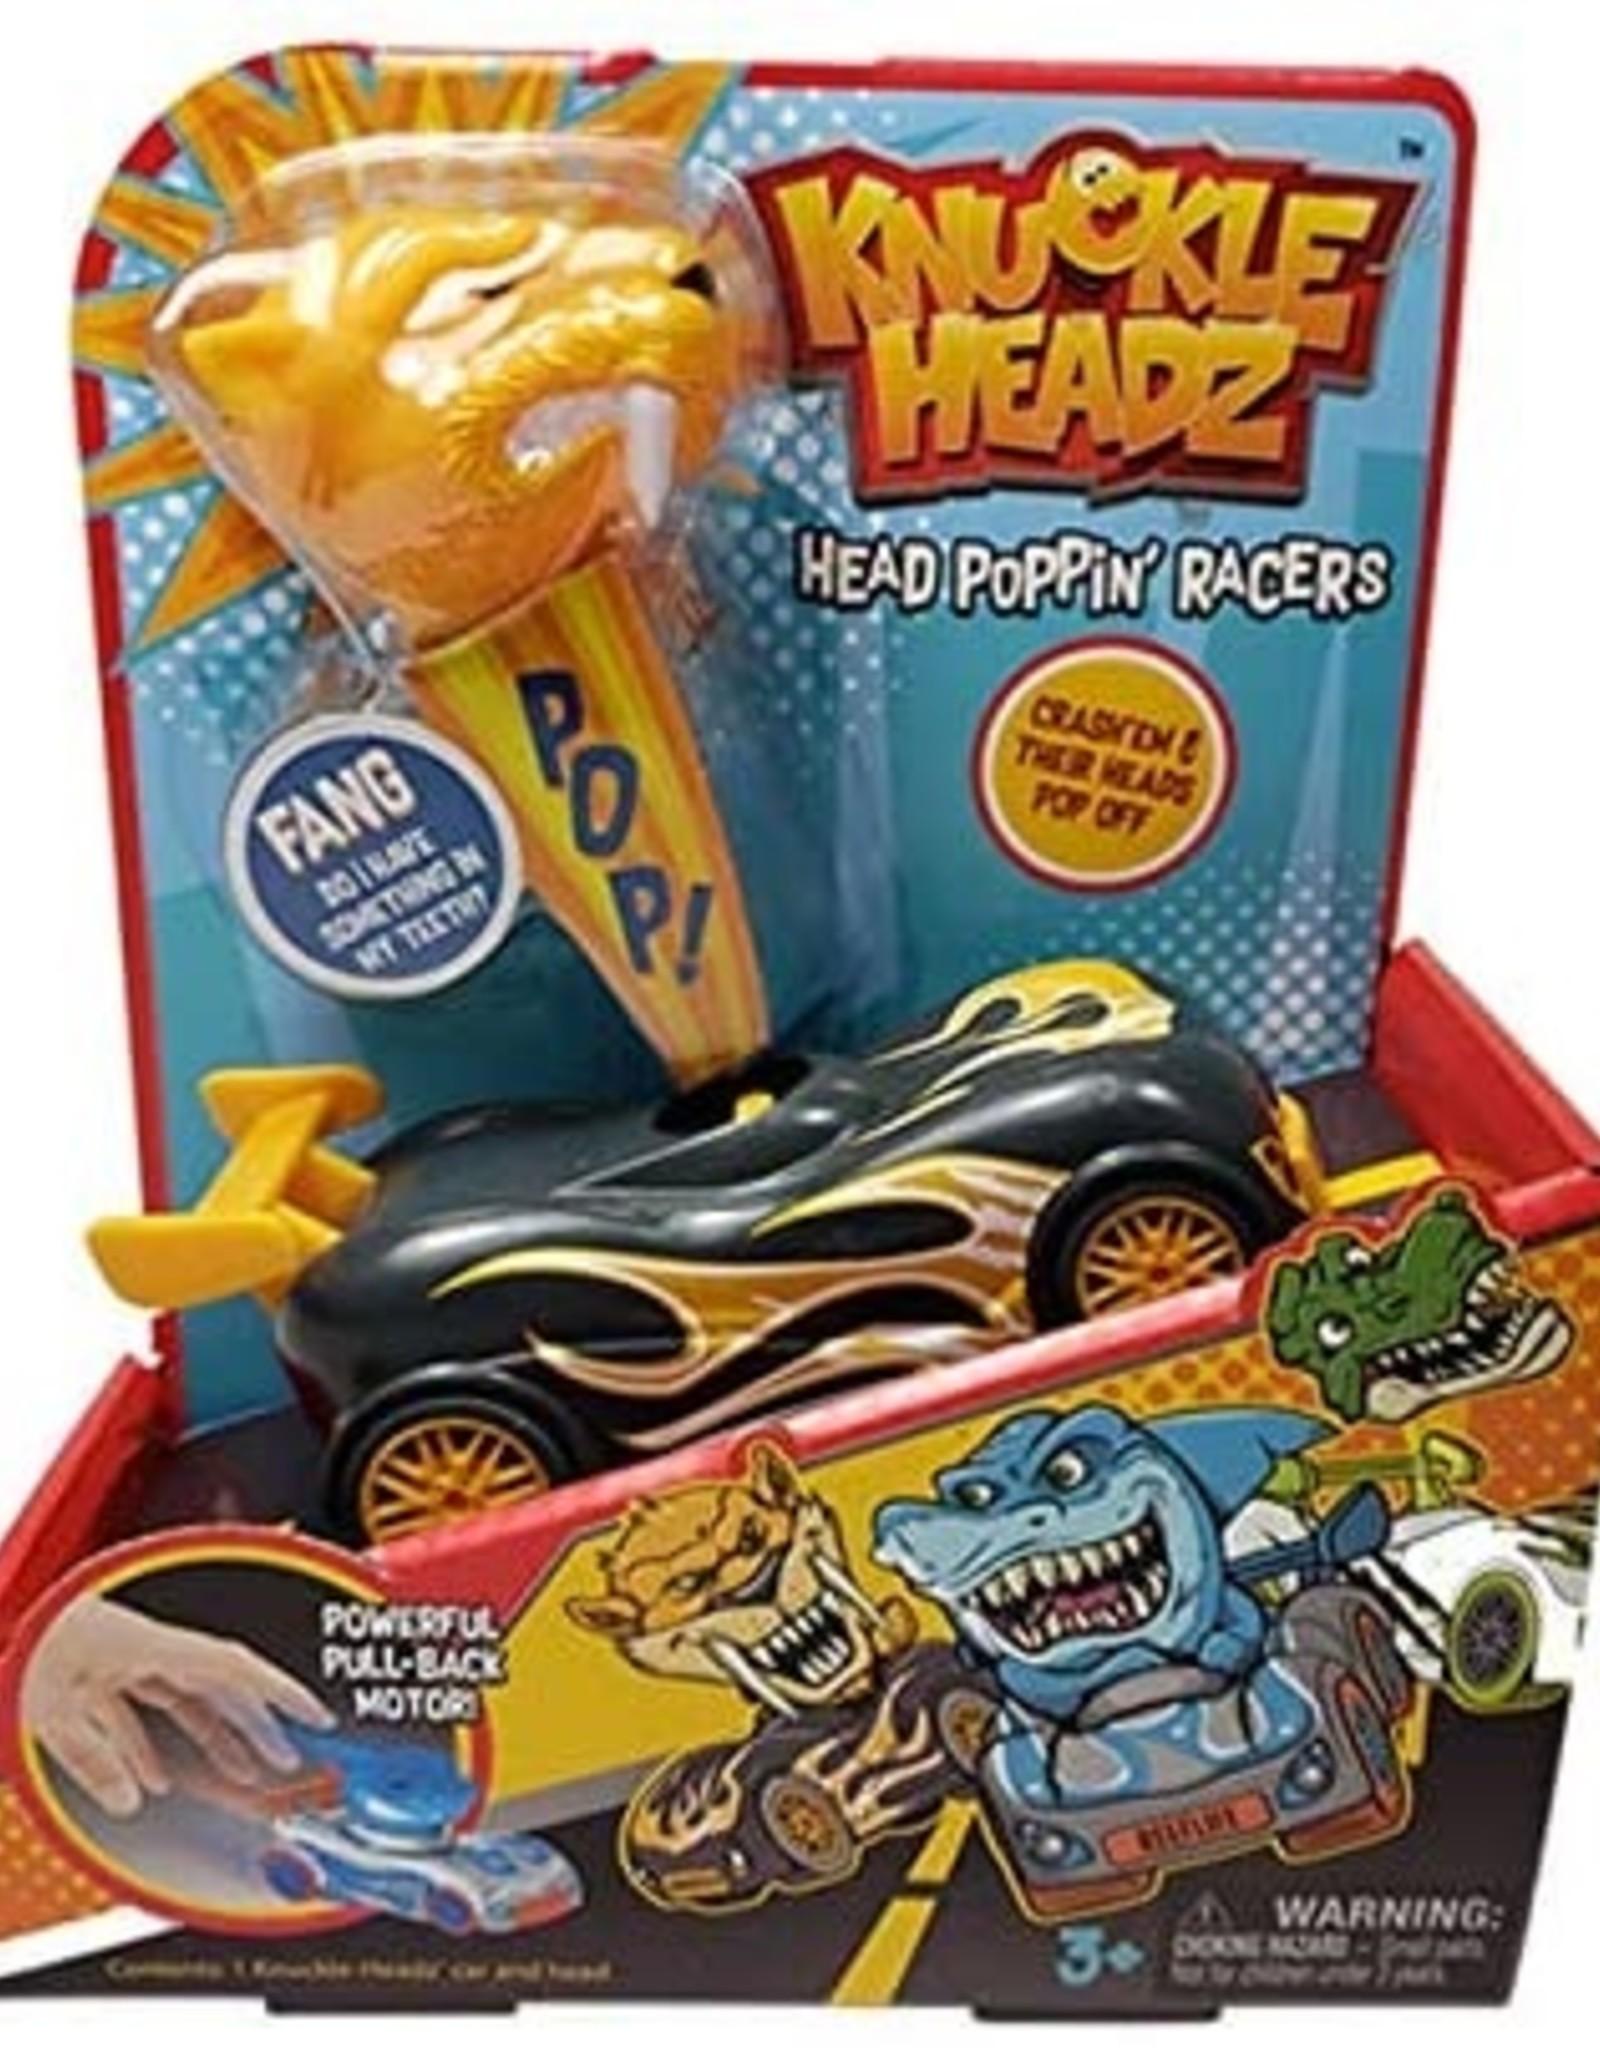 KNUCKLE HEADZ Car Fang